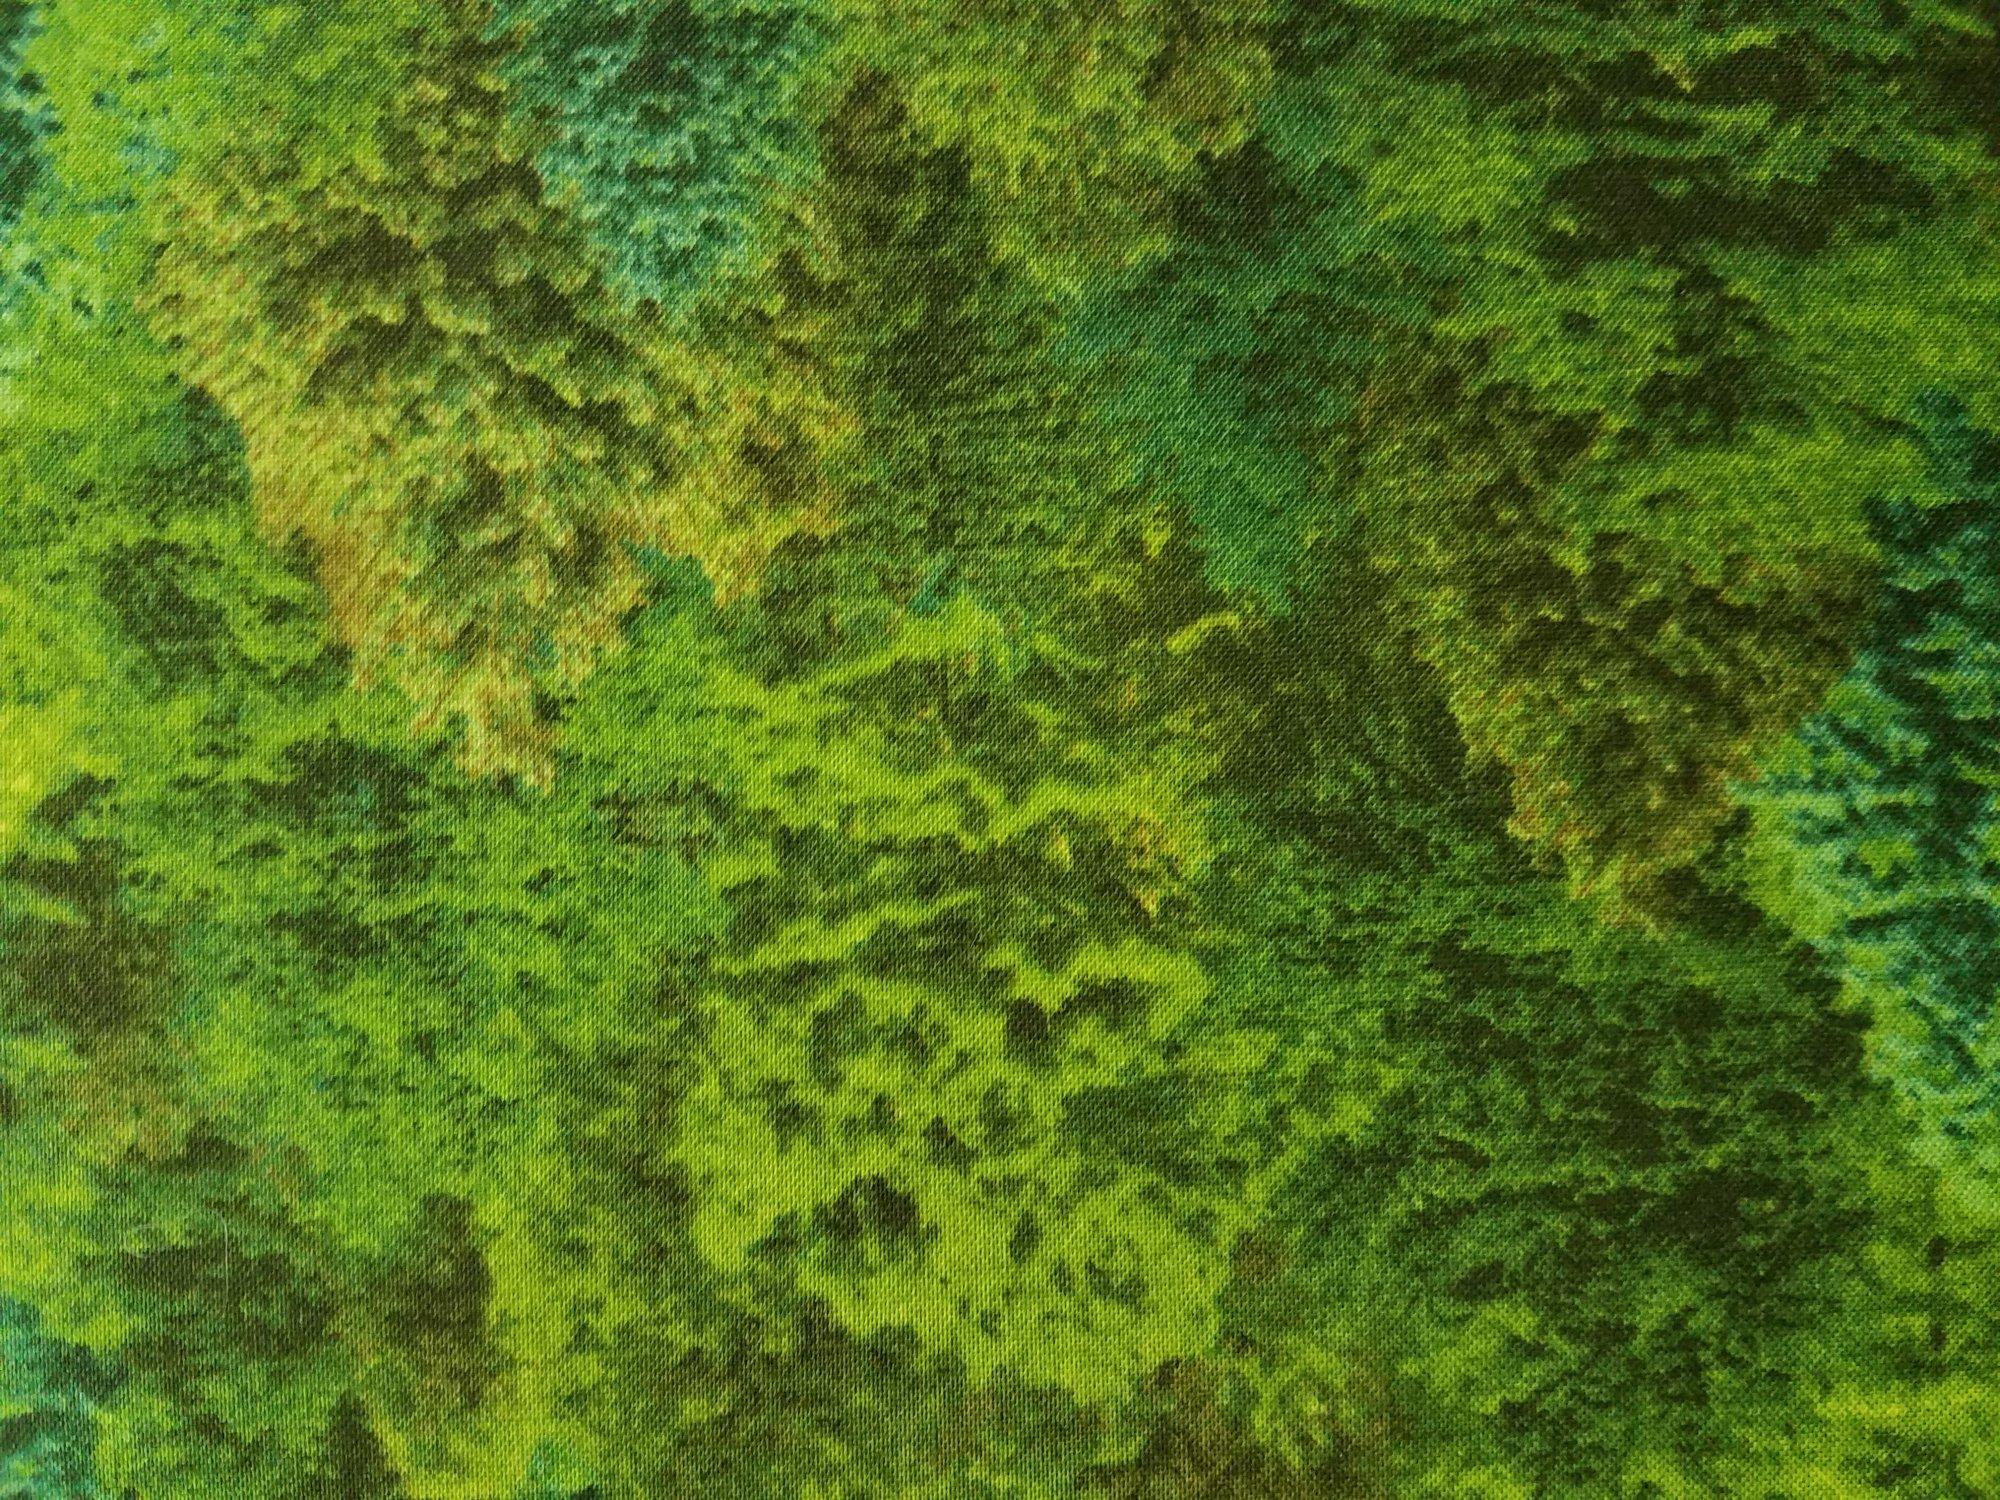 176-Green Landscape Medley